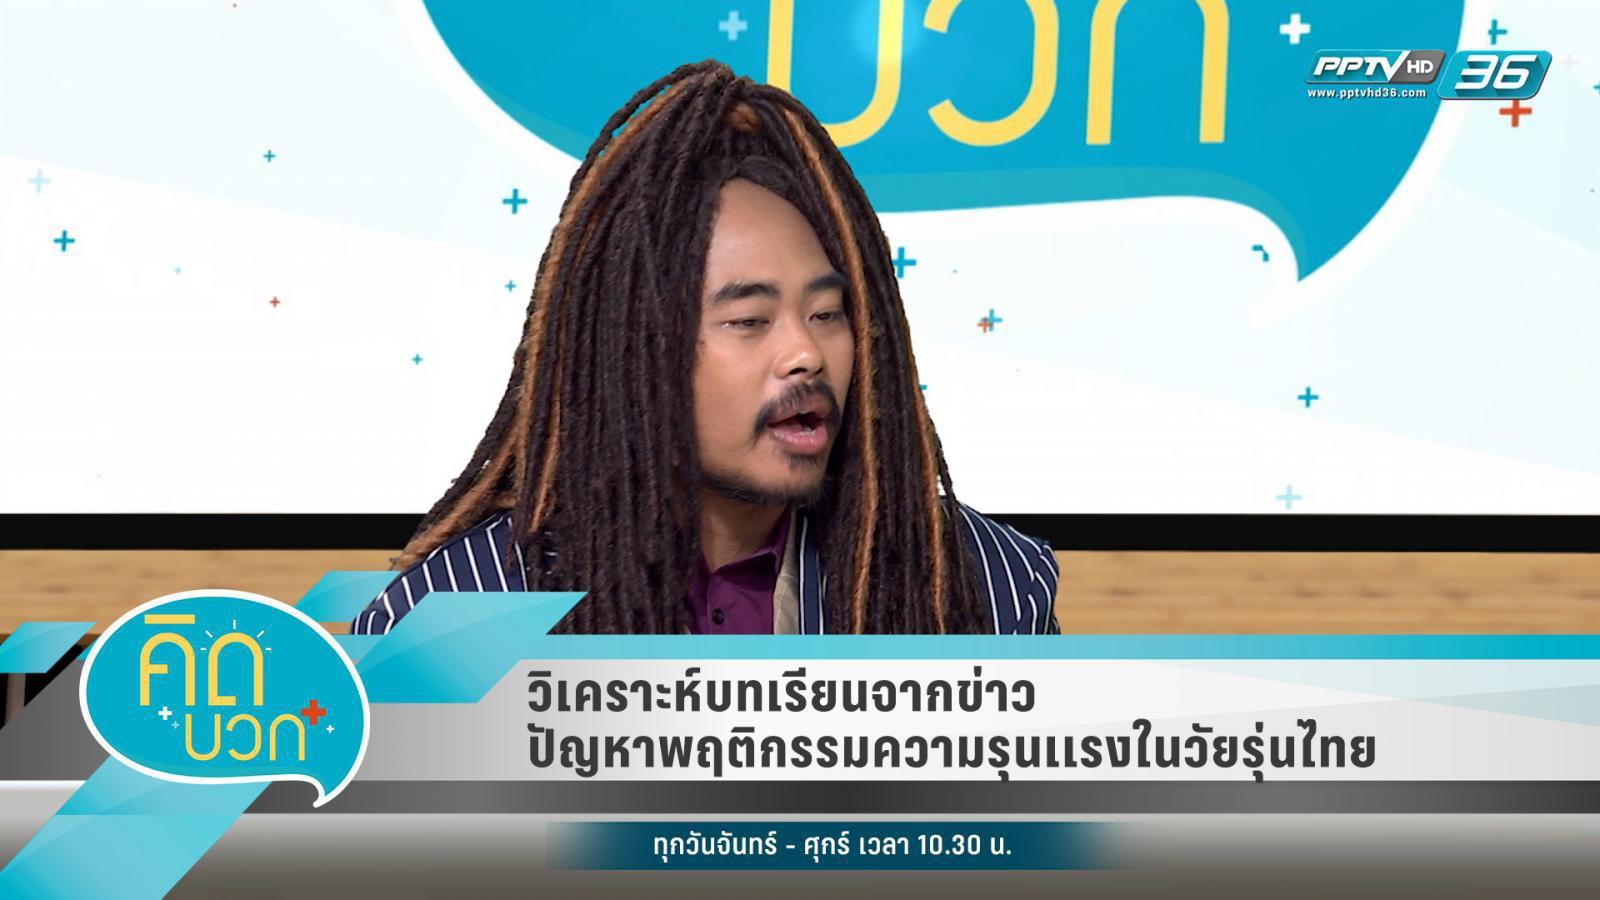 วิเคราะห์บทเรียนจากข่าวปัญหาพฤติกรรมความรุนเเรงในวัยรุ่นไทย